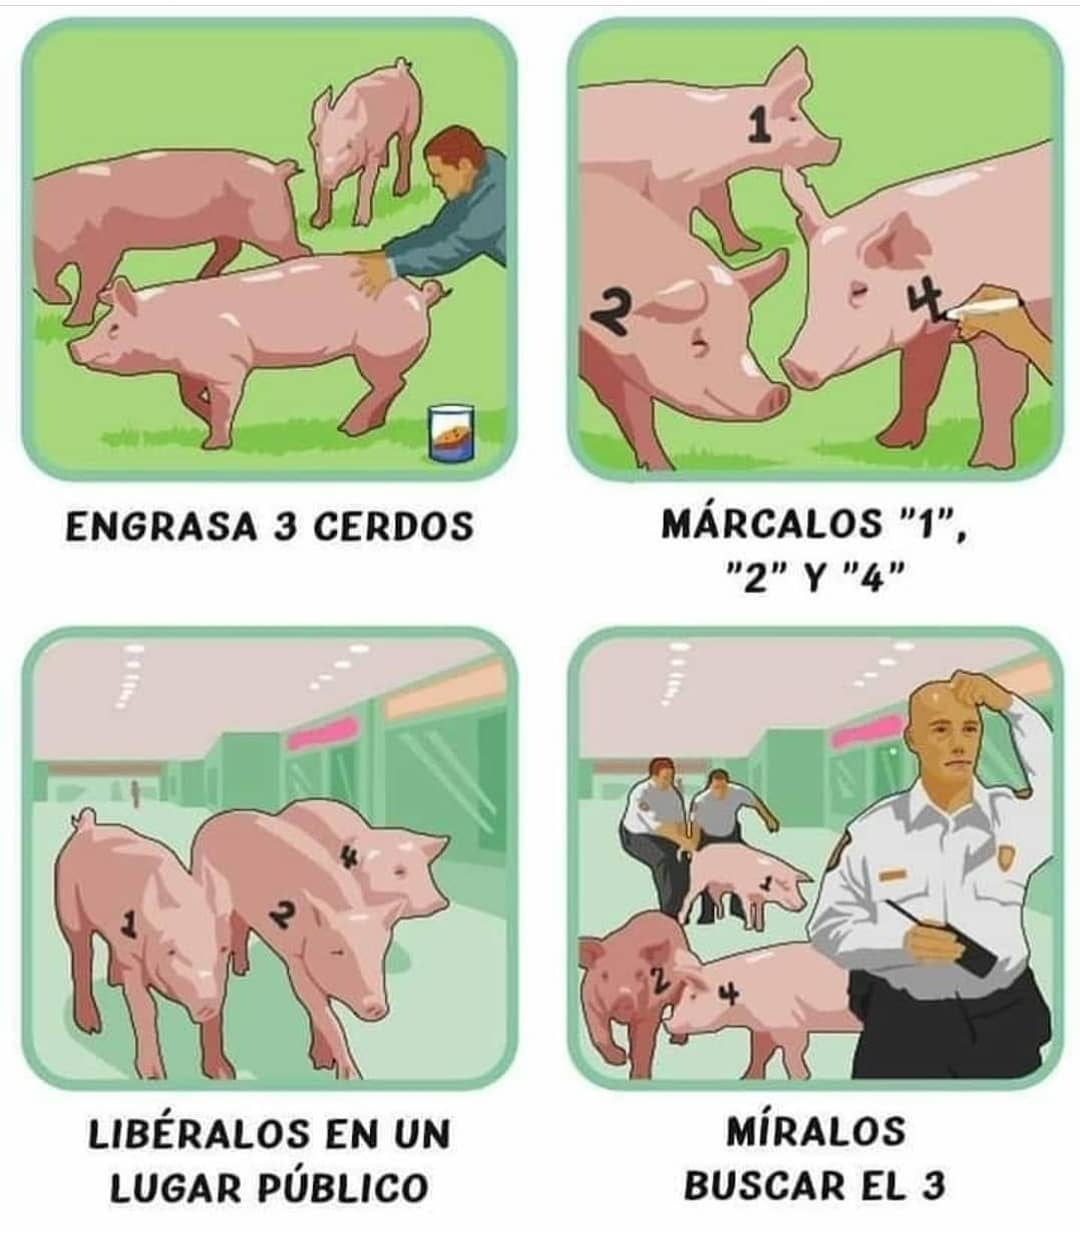 """Engrasa 3 cerdos. Márcales """"1"""", """"2"""" y """"4"""". Libéralos en un lugar público. Míralos buscando el 3."""